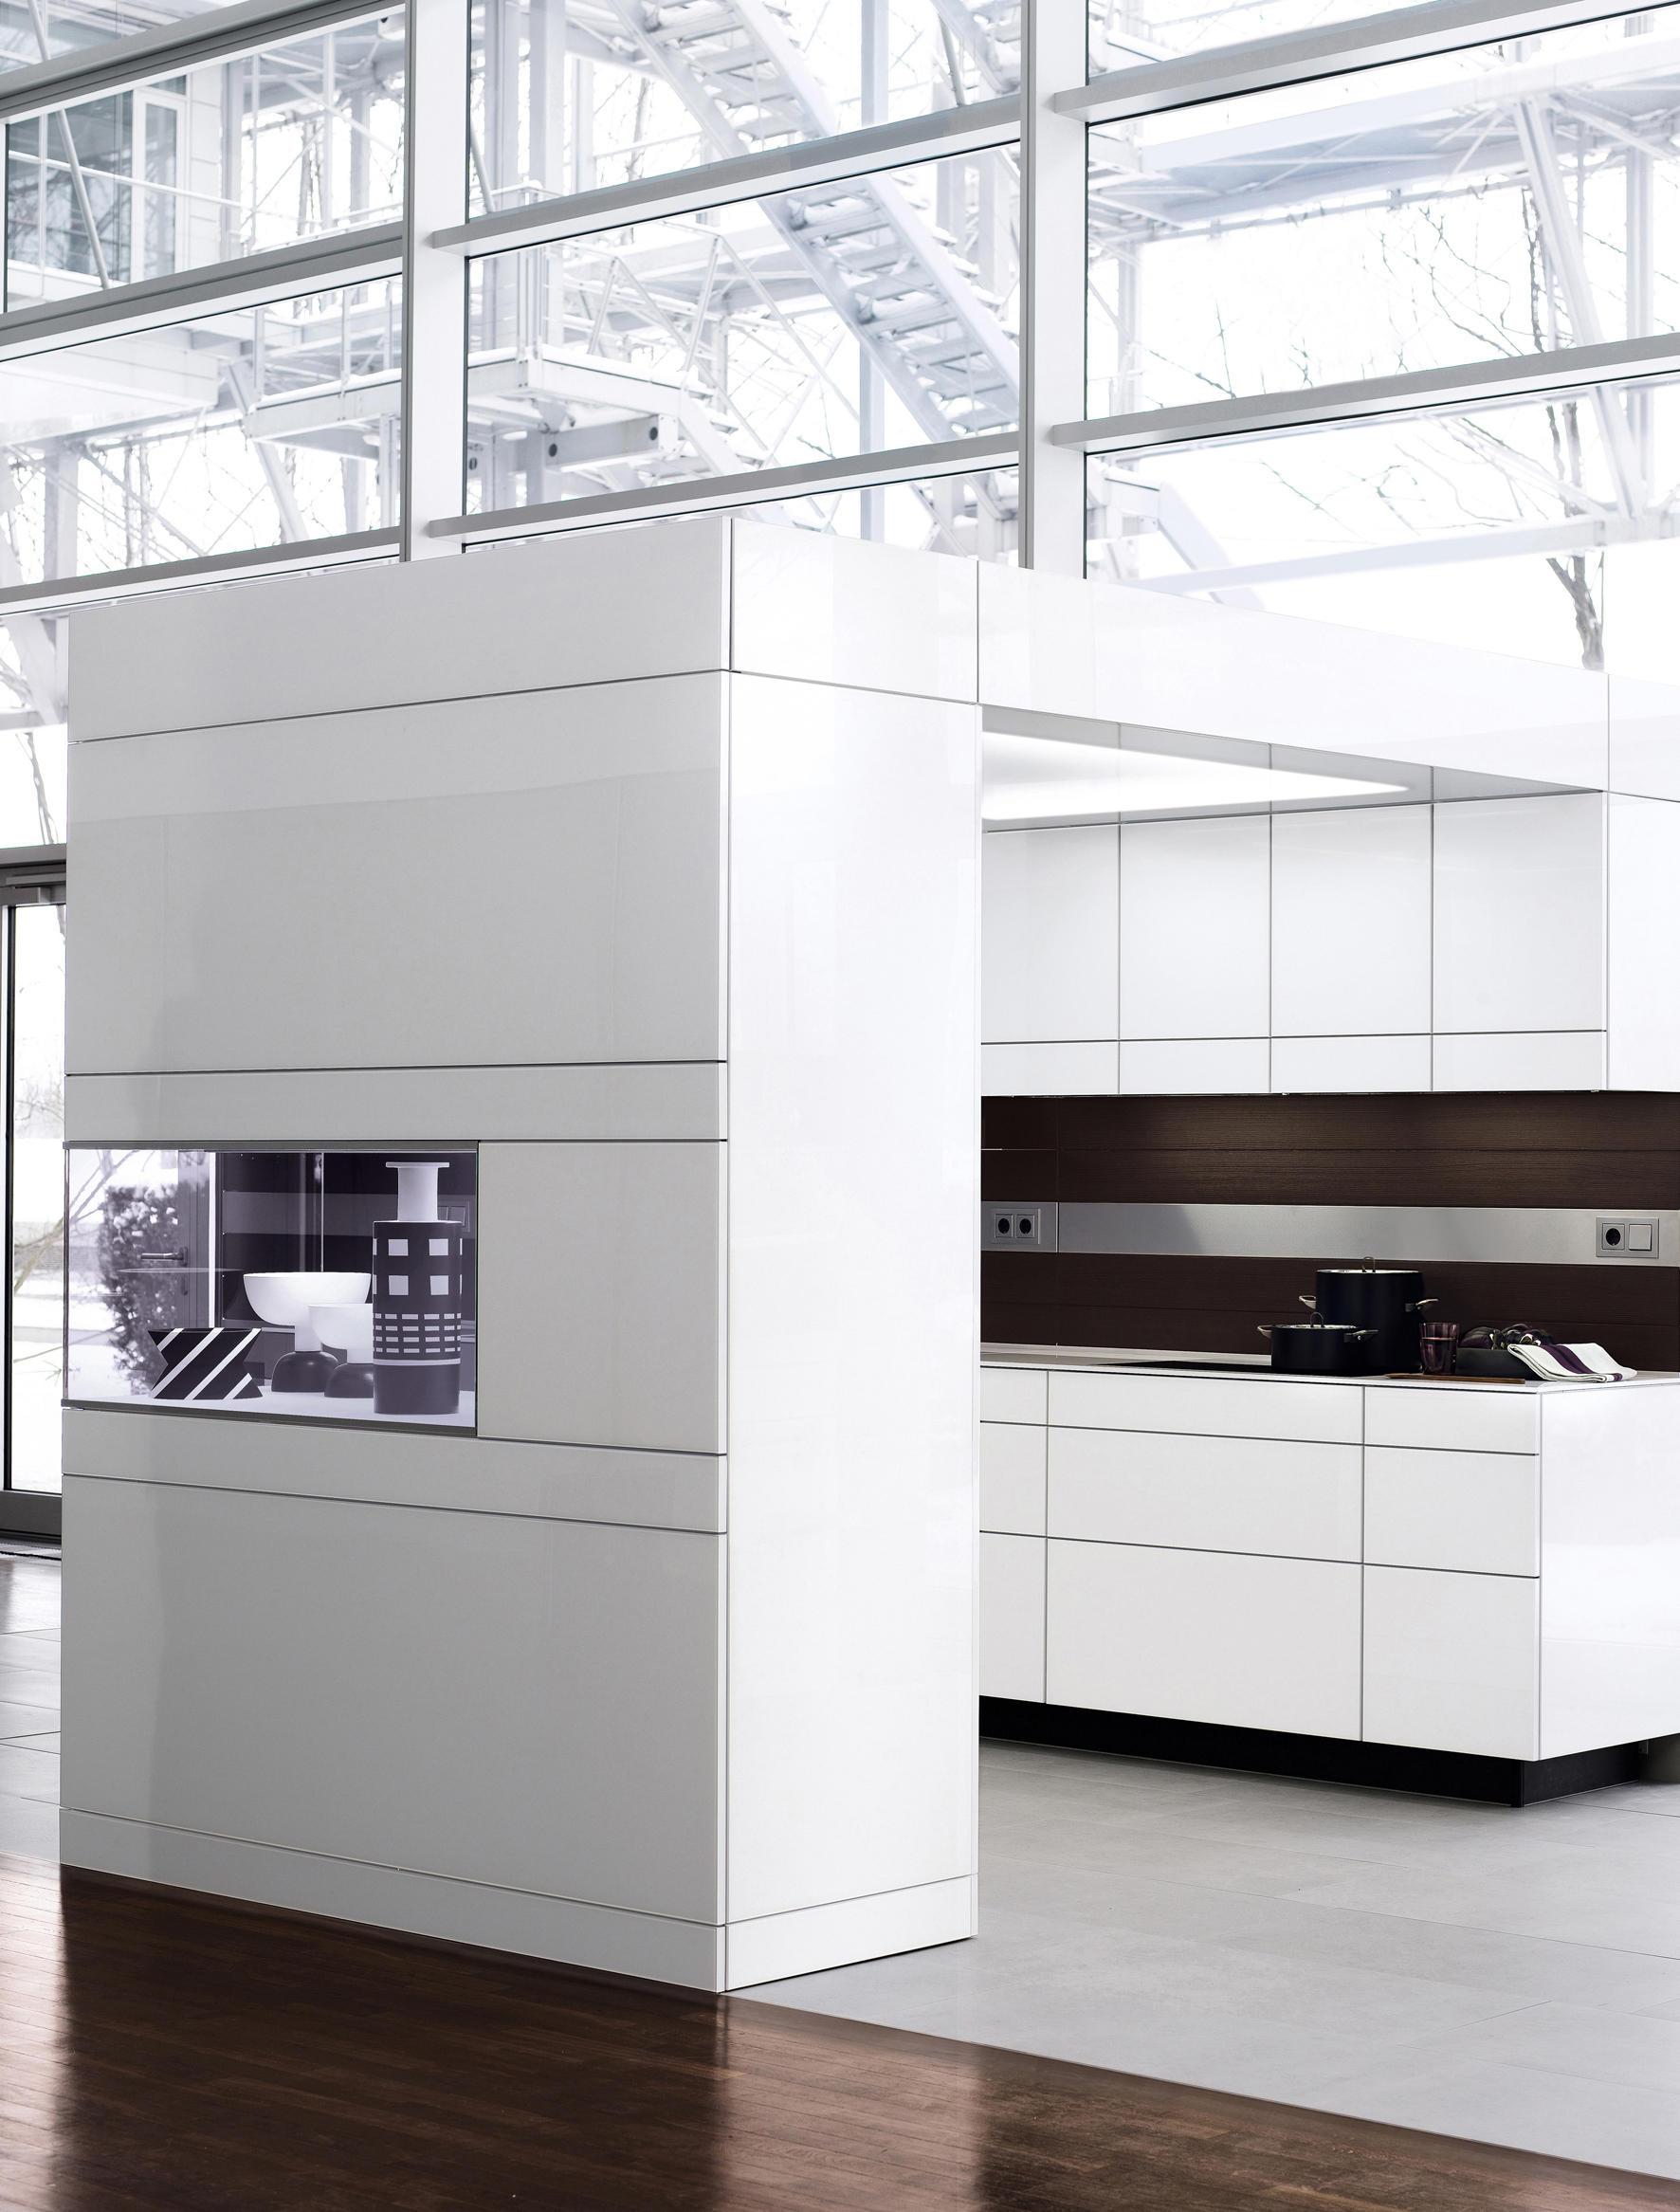 Artesio cocinas integrales de poggenpohl architonic for Disenador de cocinas integrales